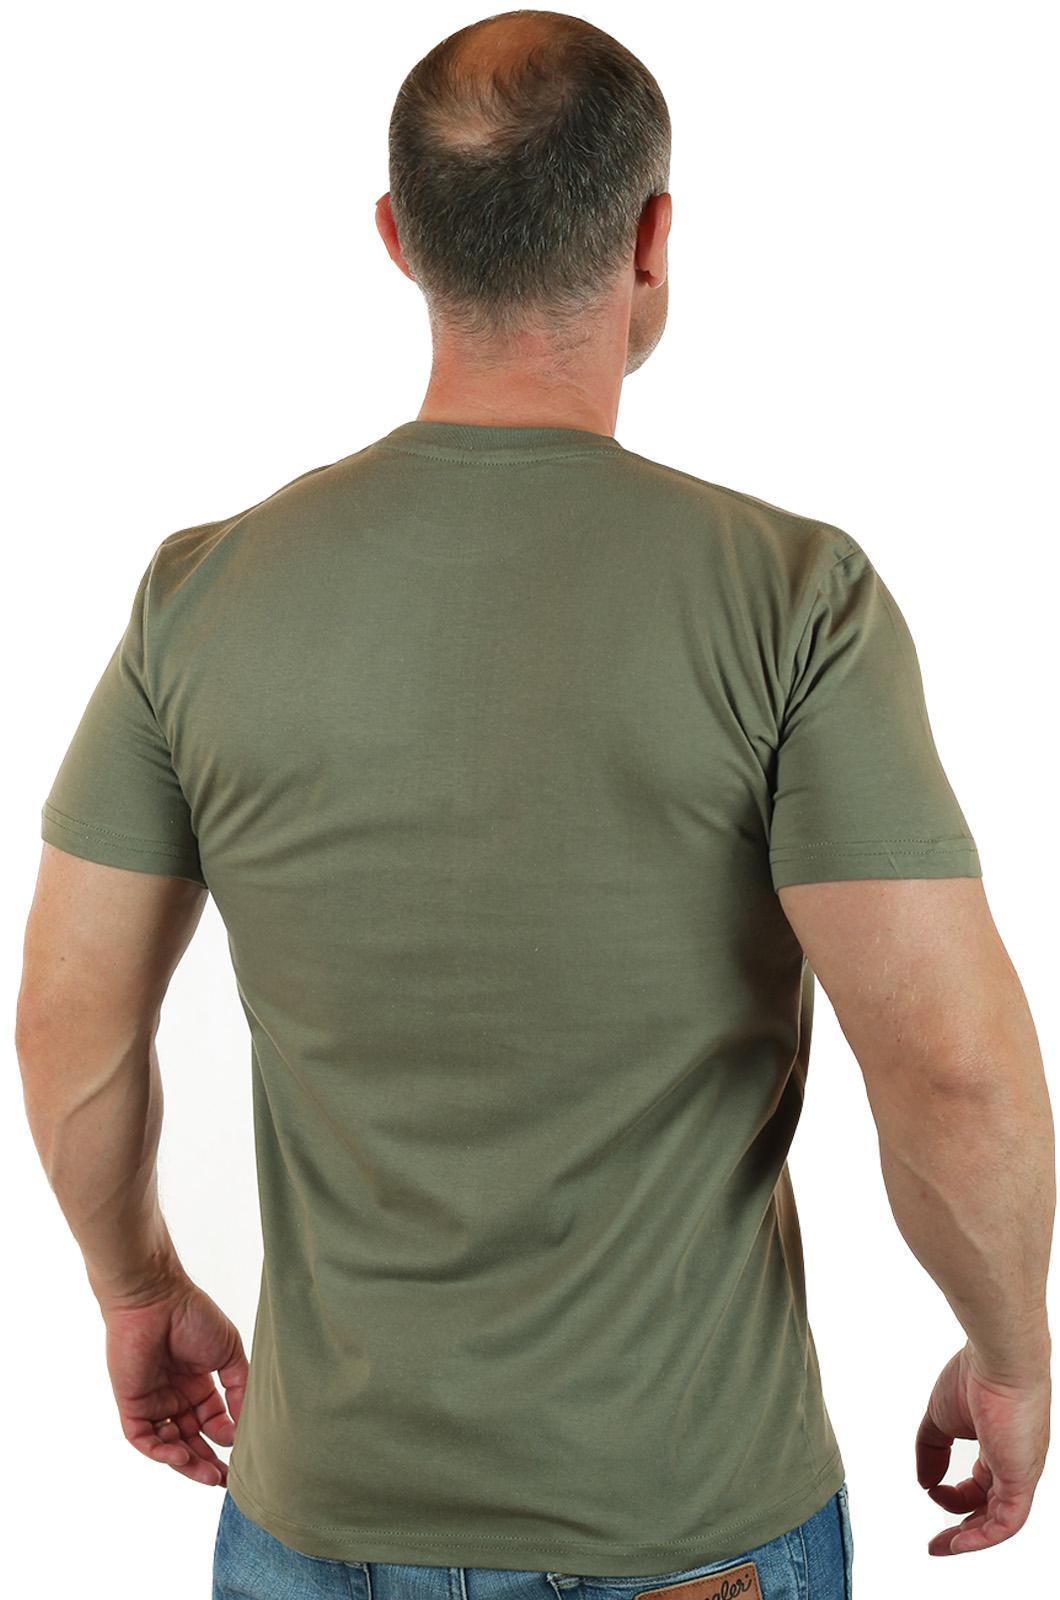 Чёткая классическая футболка Спецназ ГРУ